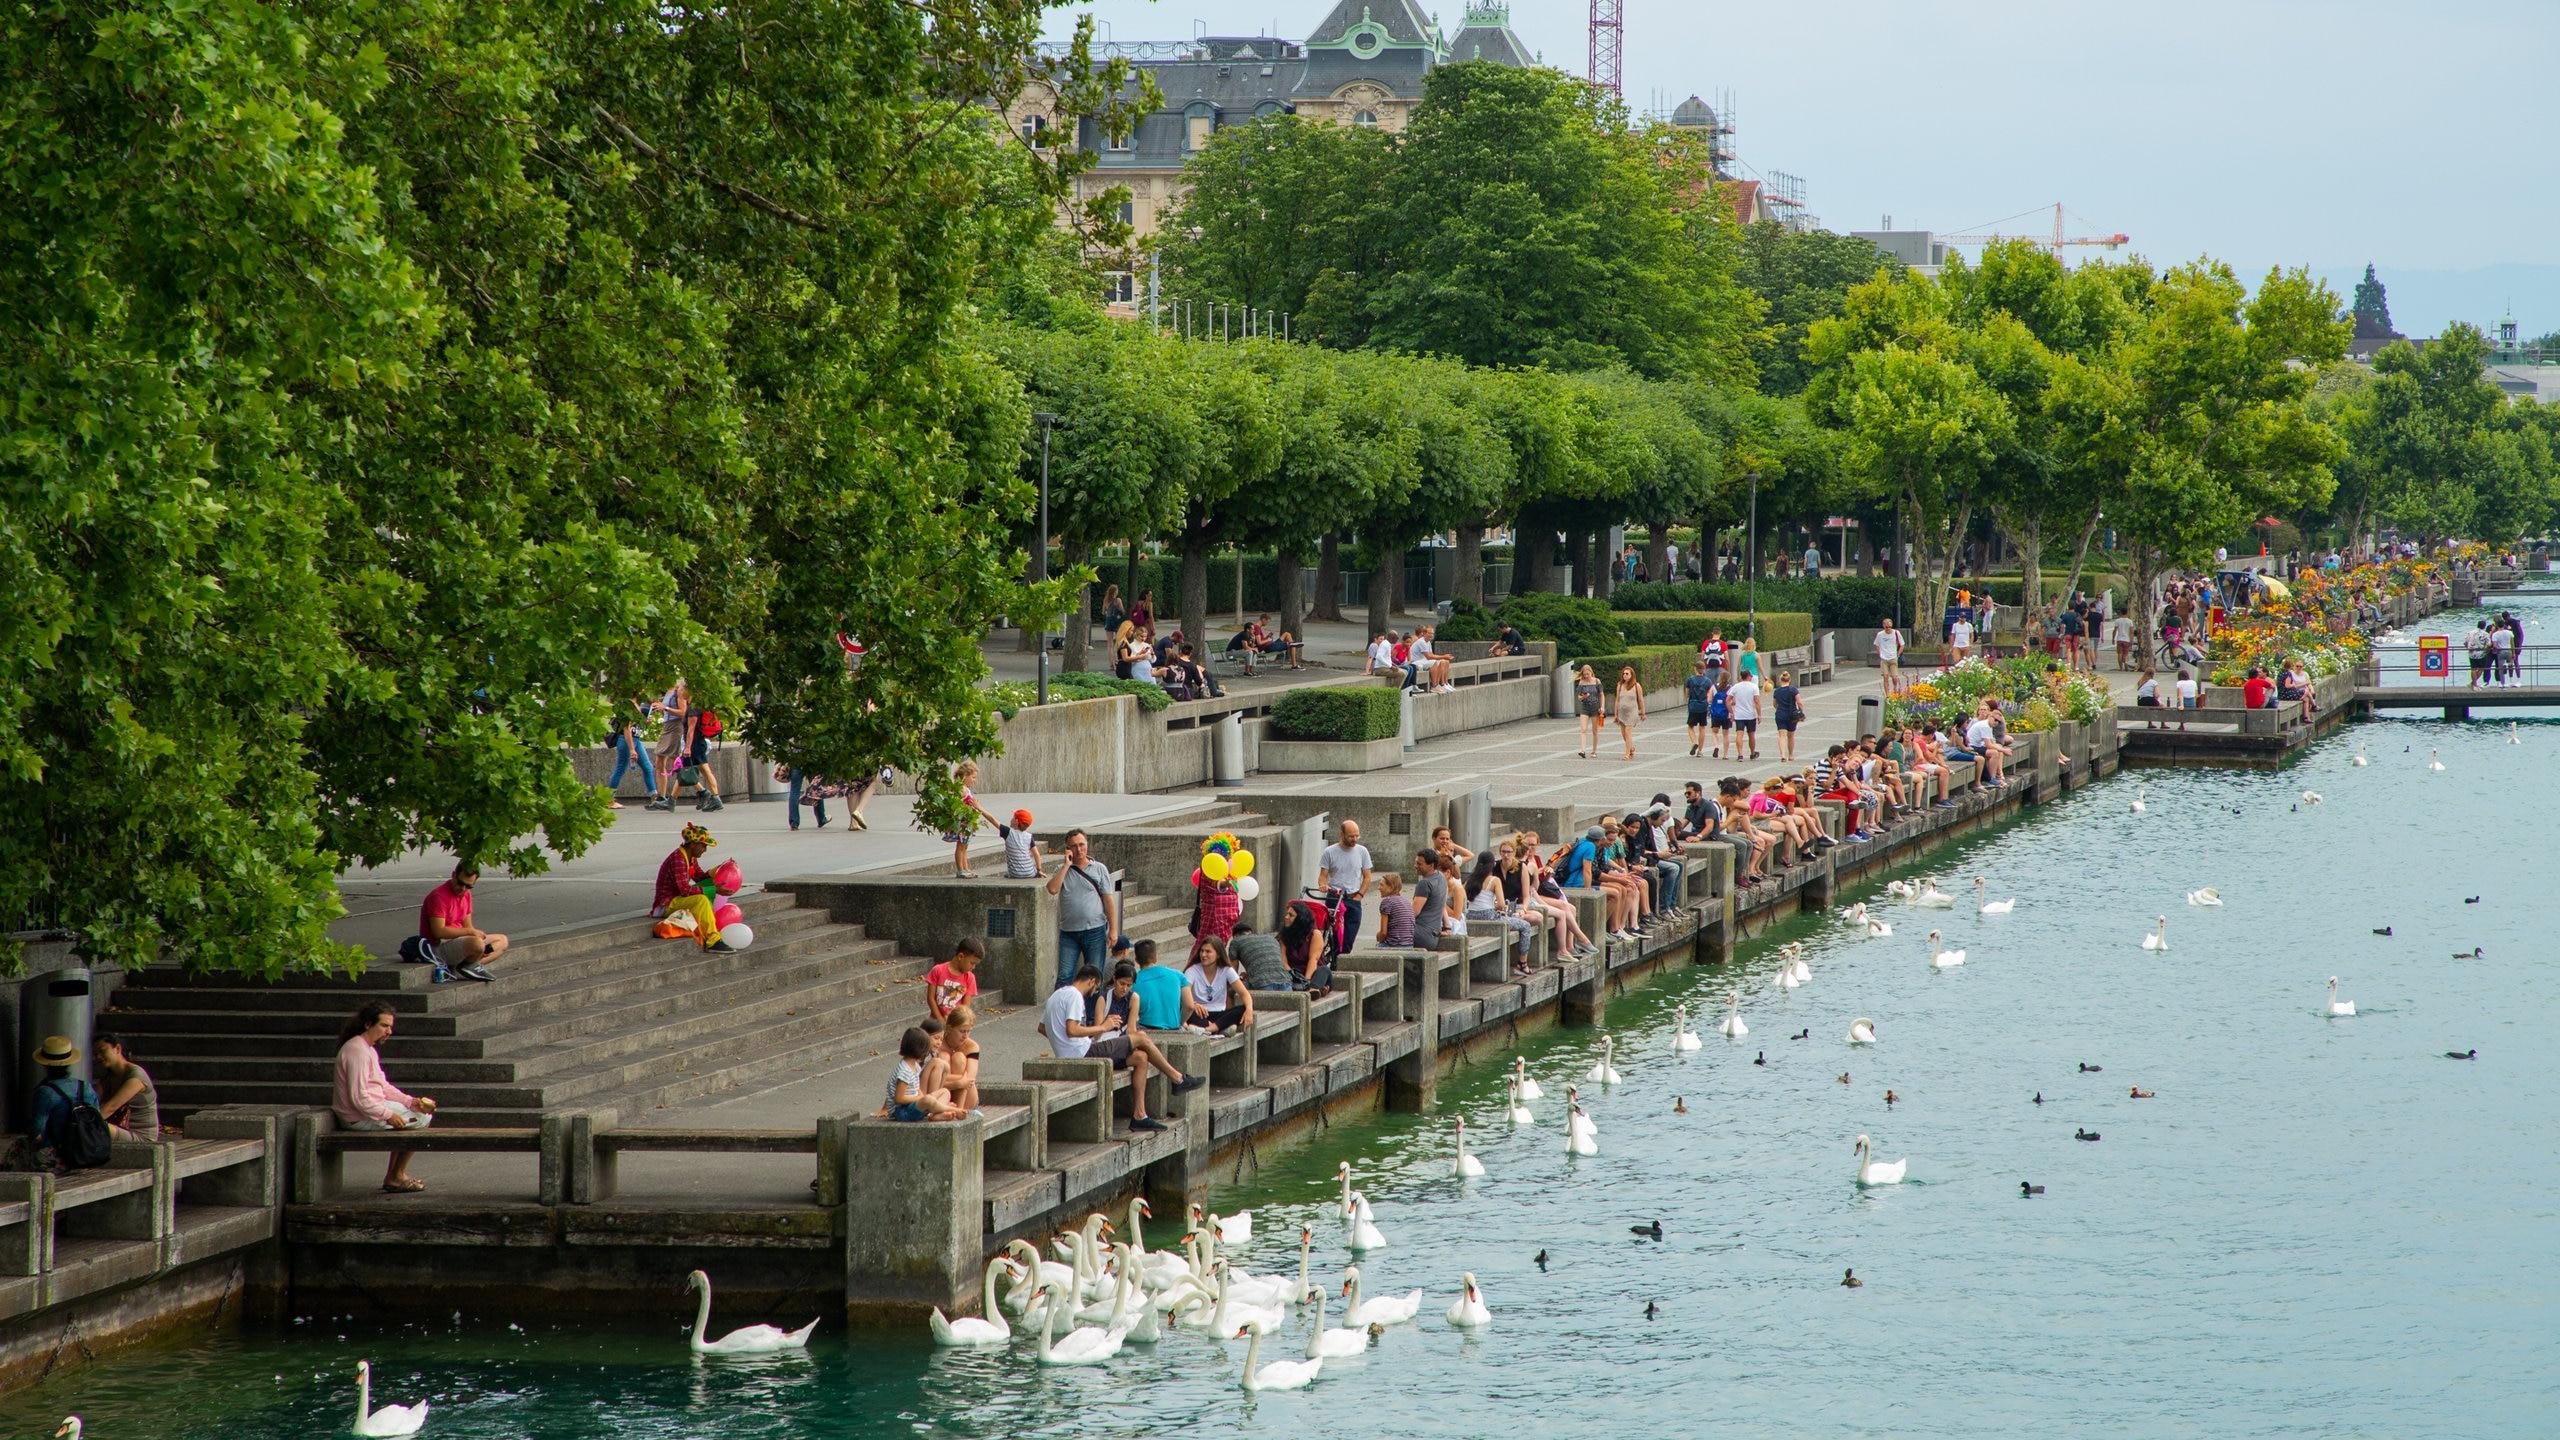 Lakeside Promenade, Zürich, Canton of Zurich, Switzerland